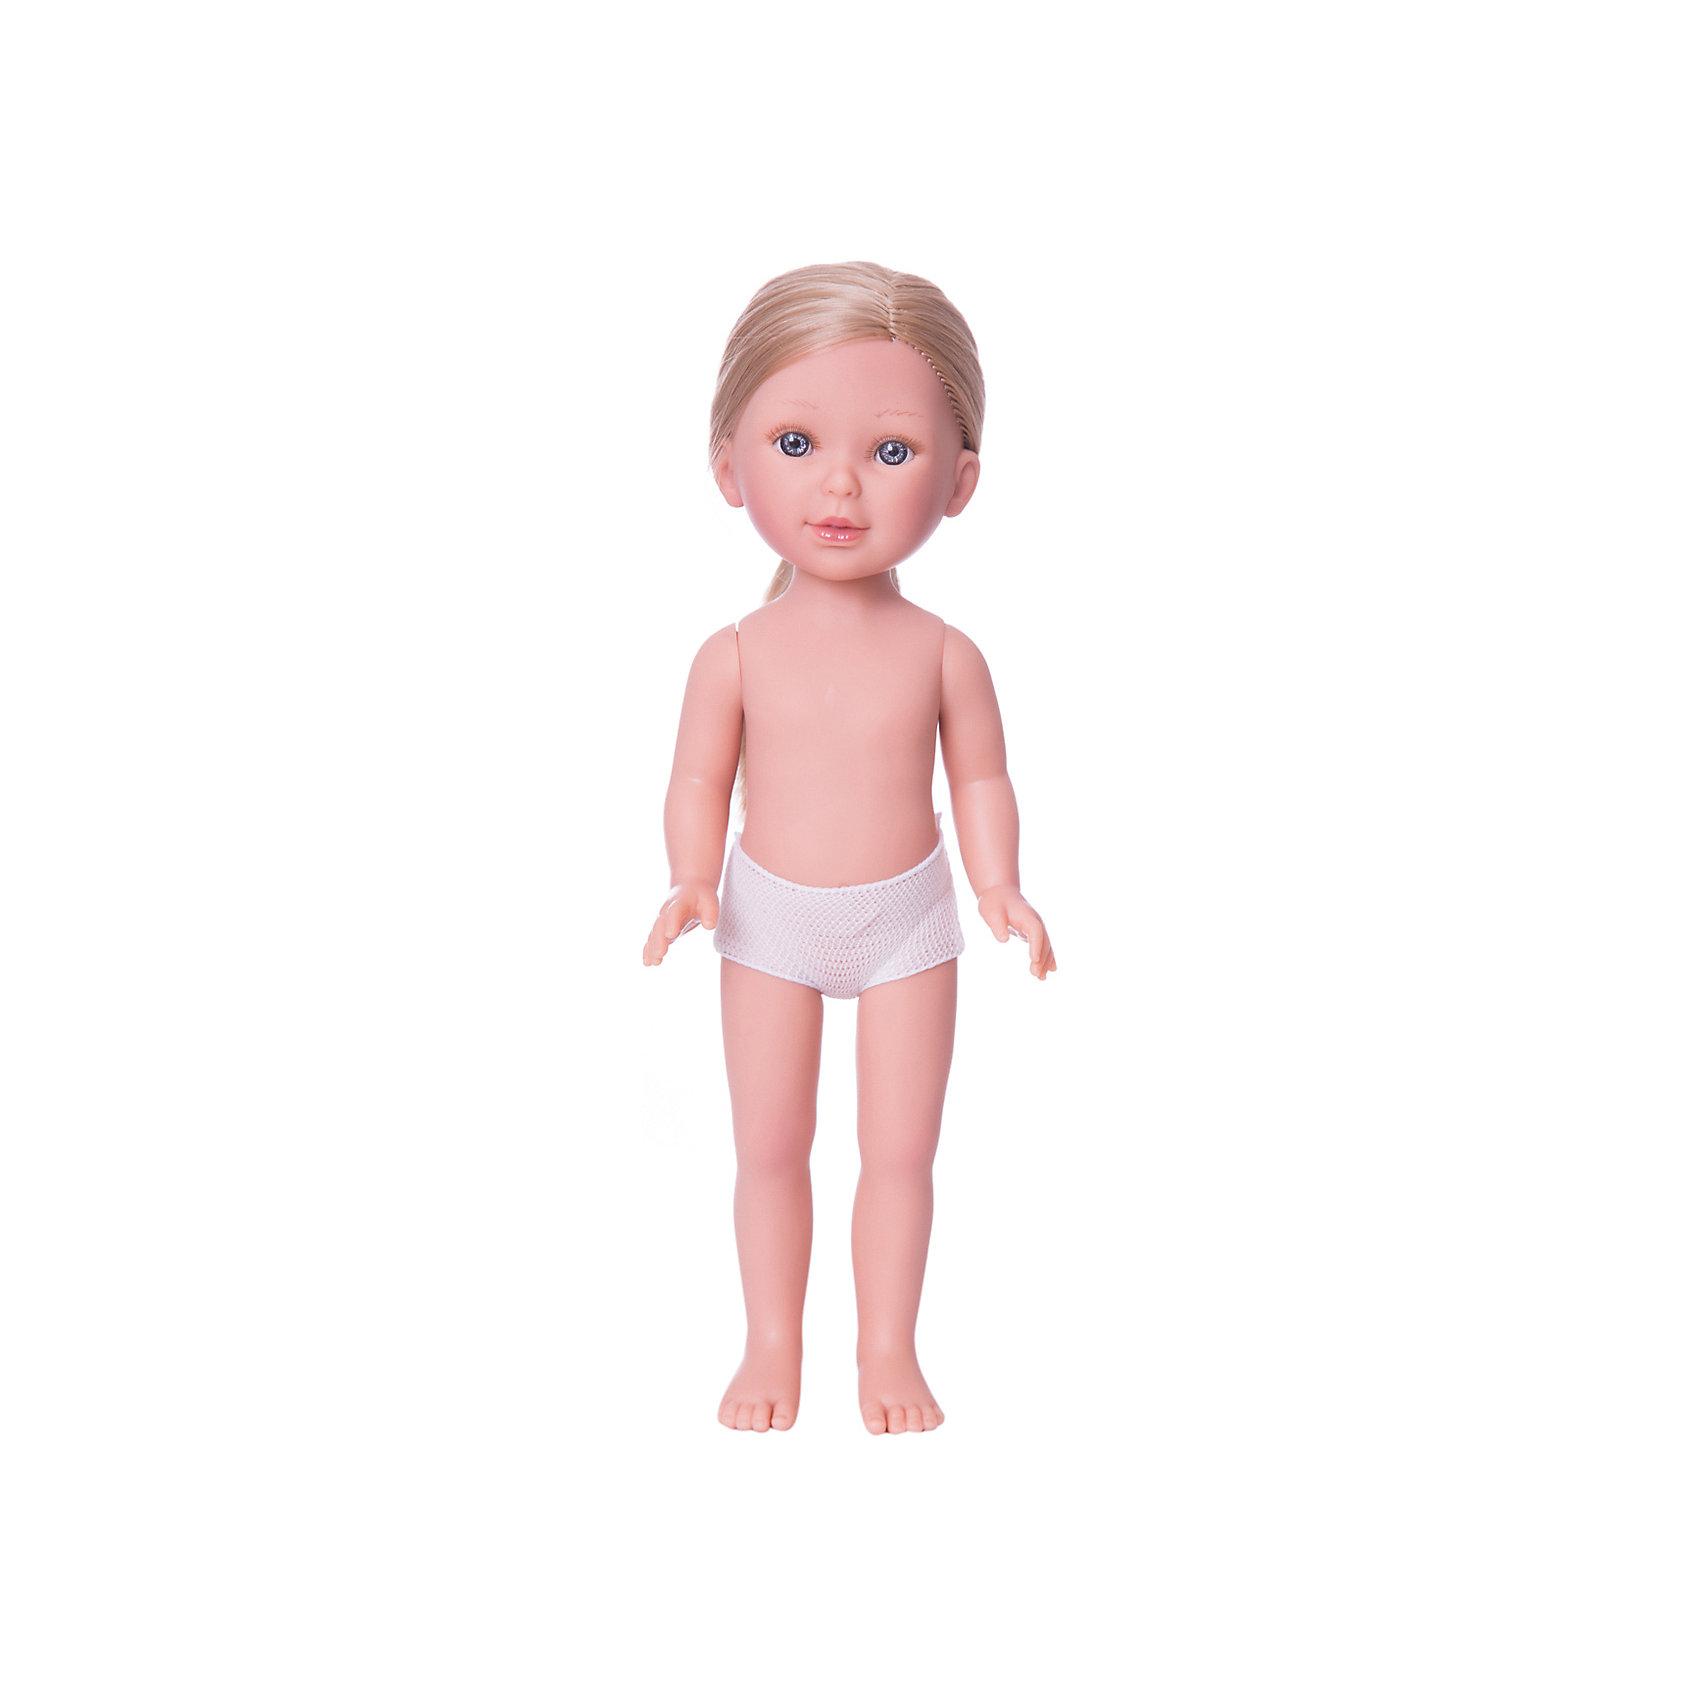 Кукла Паулина, блондинка без челки, Vestida de AzulКлассические куклы<br>Характеристики товара:<br><br>• возраст: от 3 лет;<br>• материал: винил;<br>• в комплекте: кукла;<br>• высота куклы: 33 см;<br>• размер упаковки: 35х14х7 см;<br>• вес упаковки: 370 гр.;<br>• страна производитель: Испания.<br><br>Кукла Паулина блондинка без челки Vestida de Azul станет отличным подарком для девочки, которая любит наряжать куколок и придумывать им стильные образы. У Паулины милое личико с большими живыми глазками, длинными ресницами и щечками с легким румянцем. Густые светлые волосы куклы очень похожи на натуральные. Девочка сможет расчесывать их, укладывать, заплетать, придумывая кукле разнообразные прически. У куклы подвижные руки, ноги и голова.<br><br>Куклу Паулину блондинка без челки Vestida de Azul можно приобрести в нашем интернет-магазине.<br><br>Ширина мм: 350<br>Глубина мм: 120<br>Высота мм: 80<br>Вес г: 700<br>Возраст от месяцев: 36<br>Возраст до месяцев: 2147483647<br>Пол: Женский<br>Возраст: Детский<br>SKU: 6844312